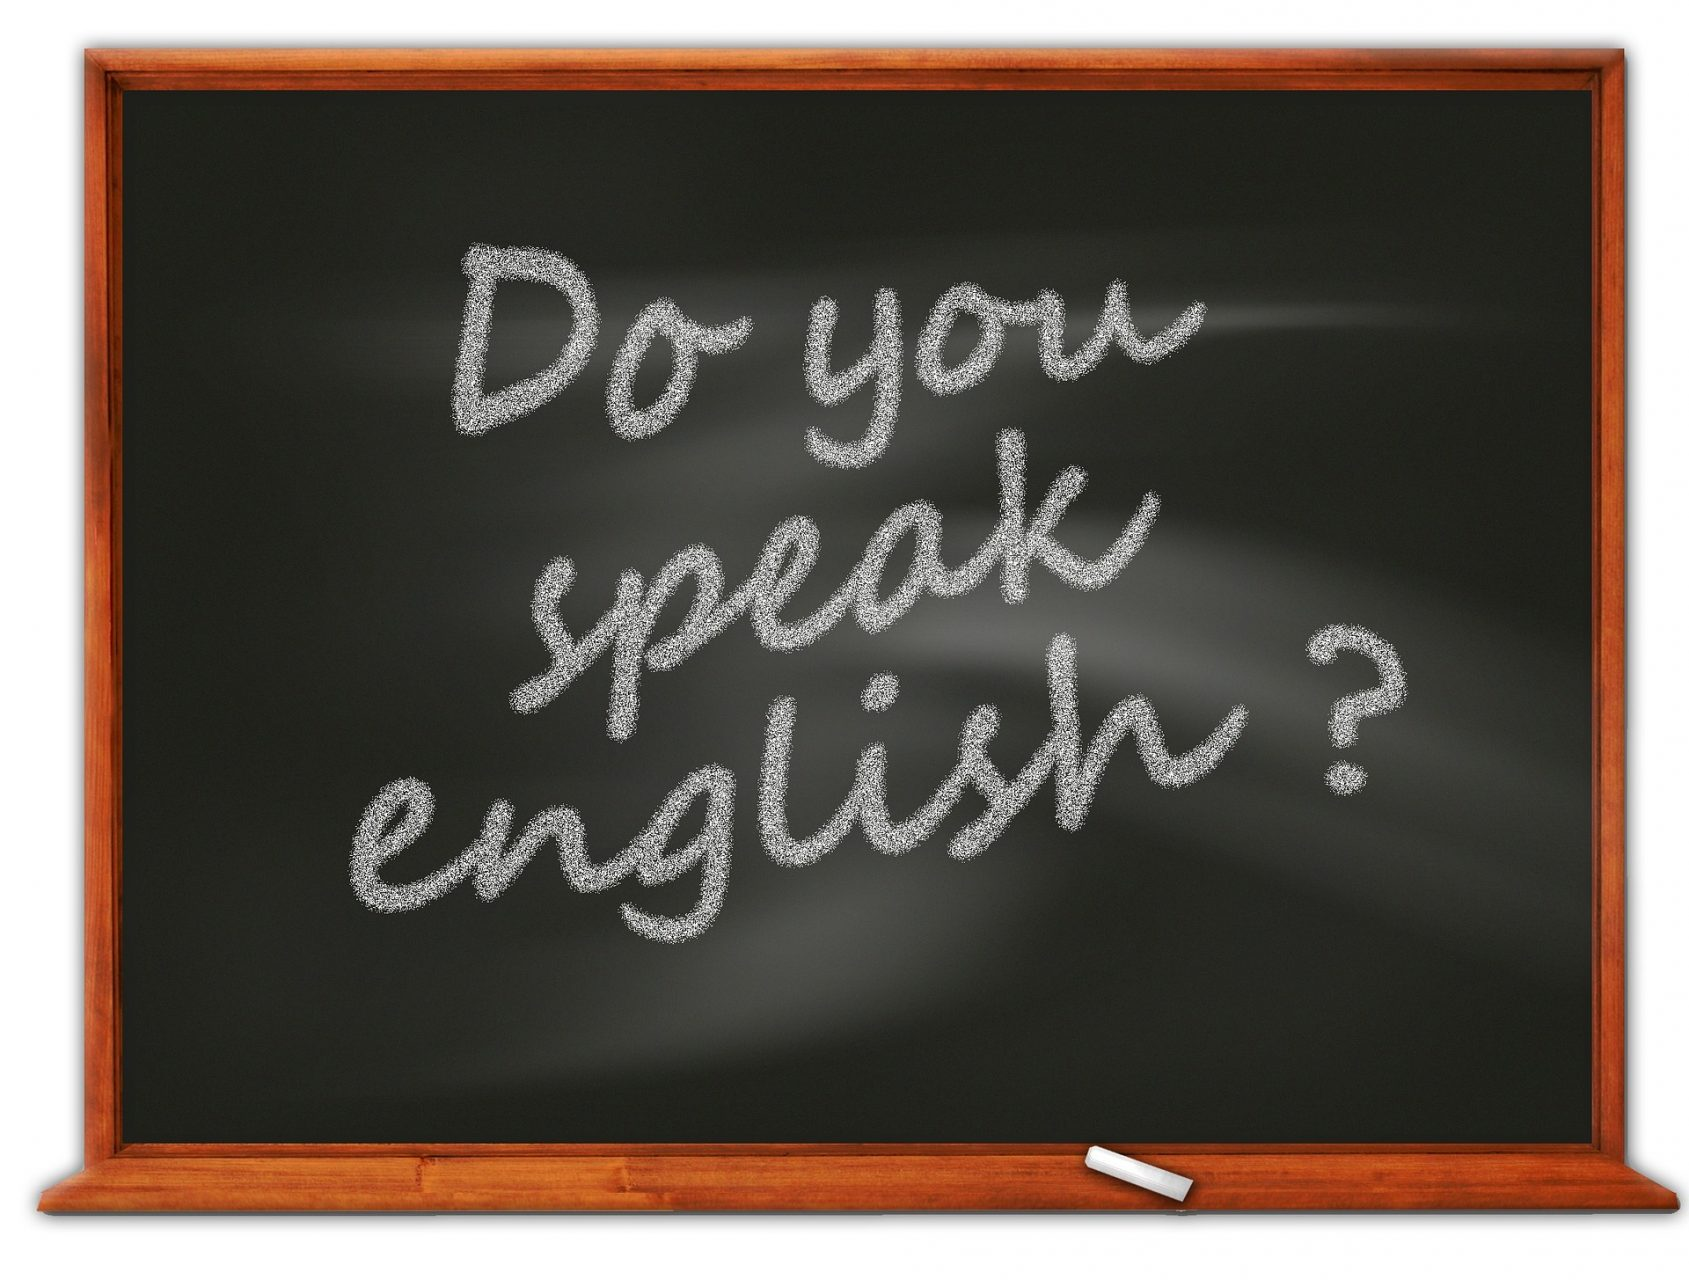 Kako nauciti engleski Ucenje stranog jezika